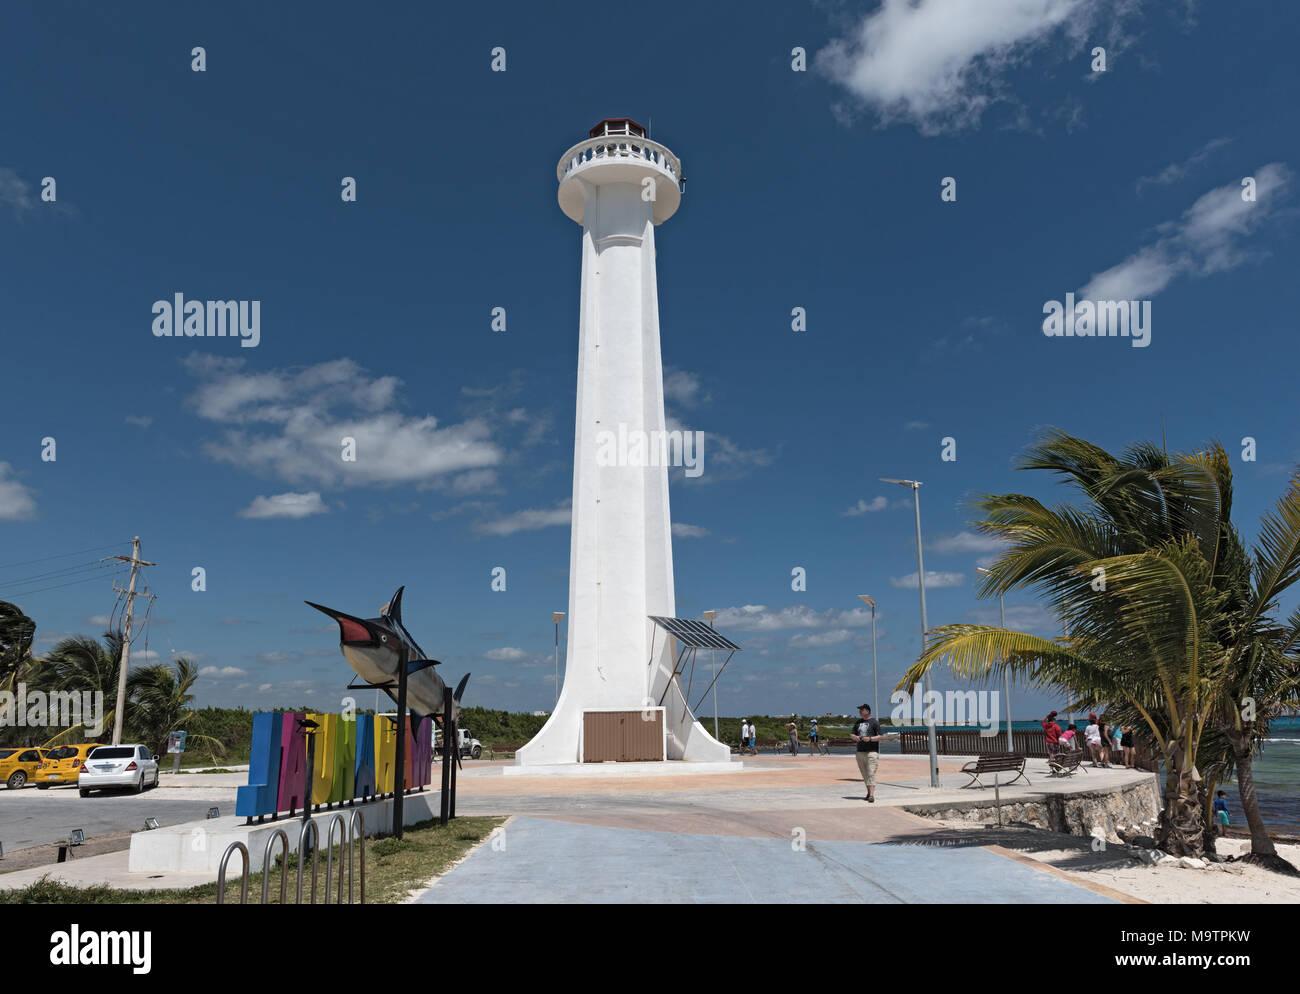 Leuchtturm mit Schriftzug von tourist resort Mahahual mit Marlin fischen, Mexiko Stockbild